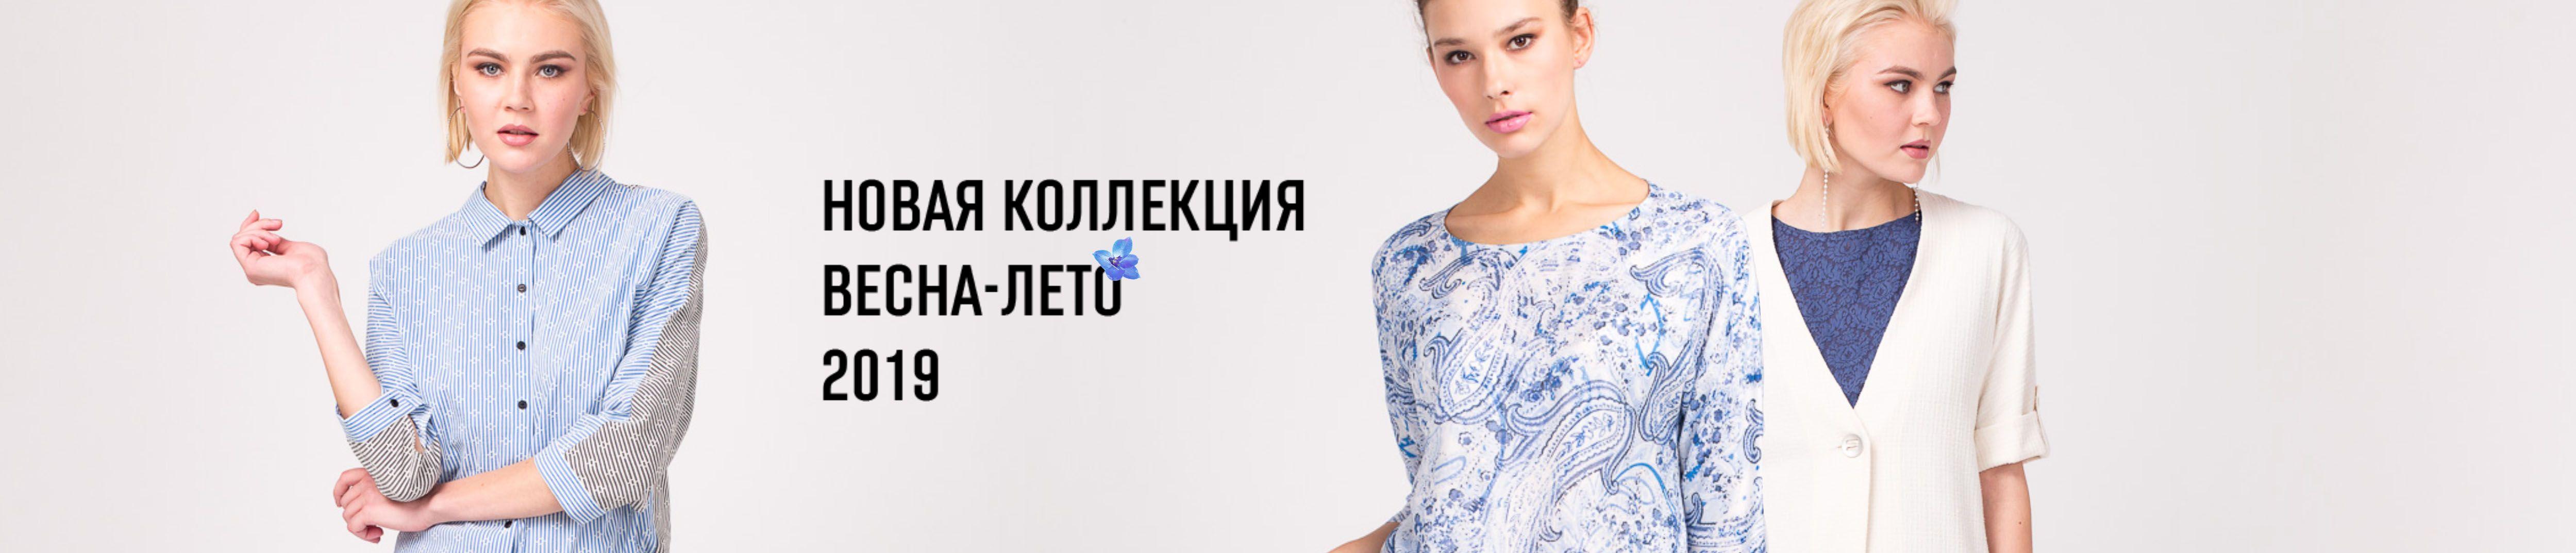 506af27266c Интернет-магазин модной и стильной женской одежды дизайнера Зотовой Светланы